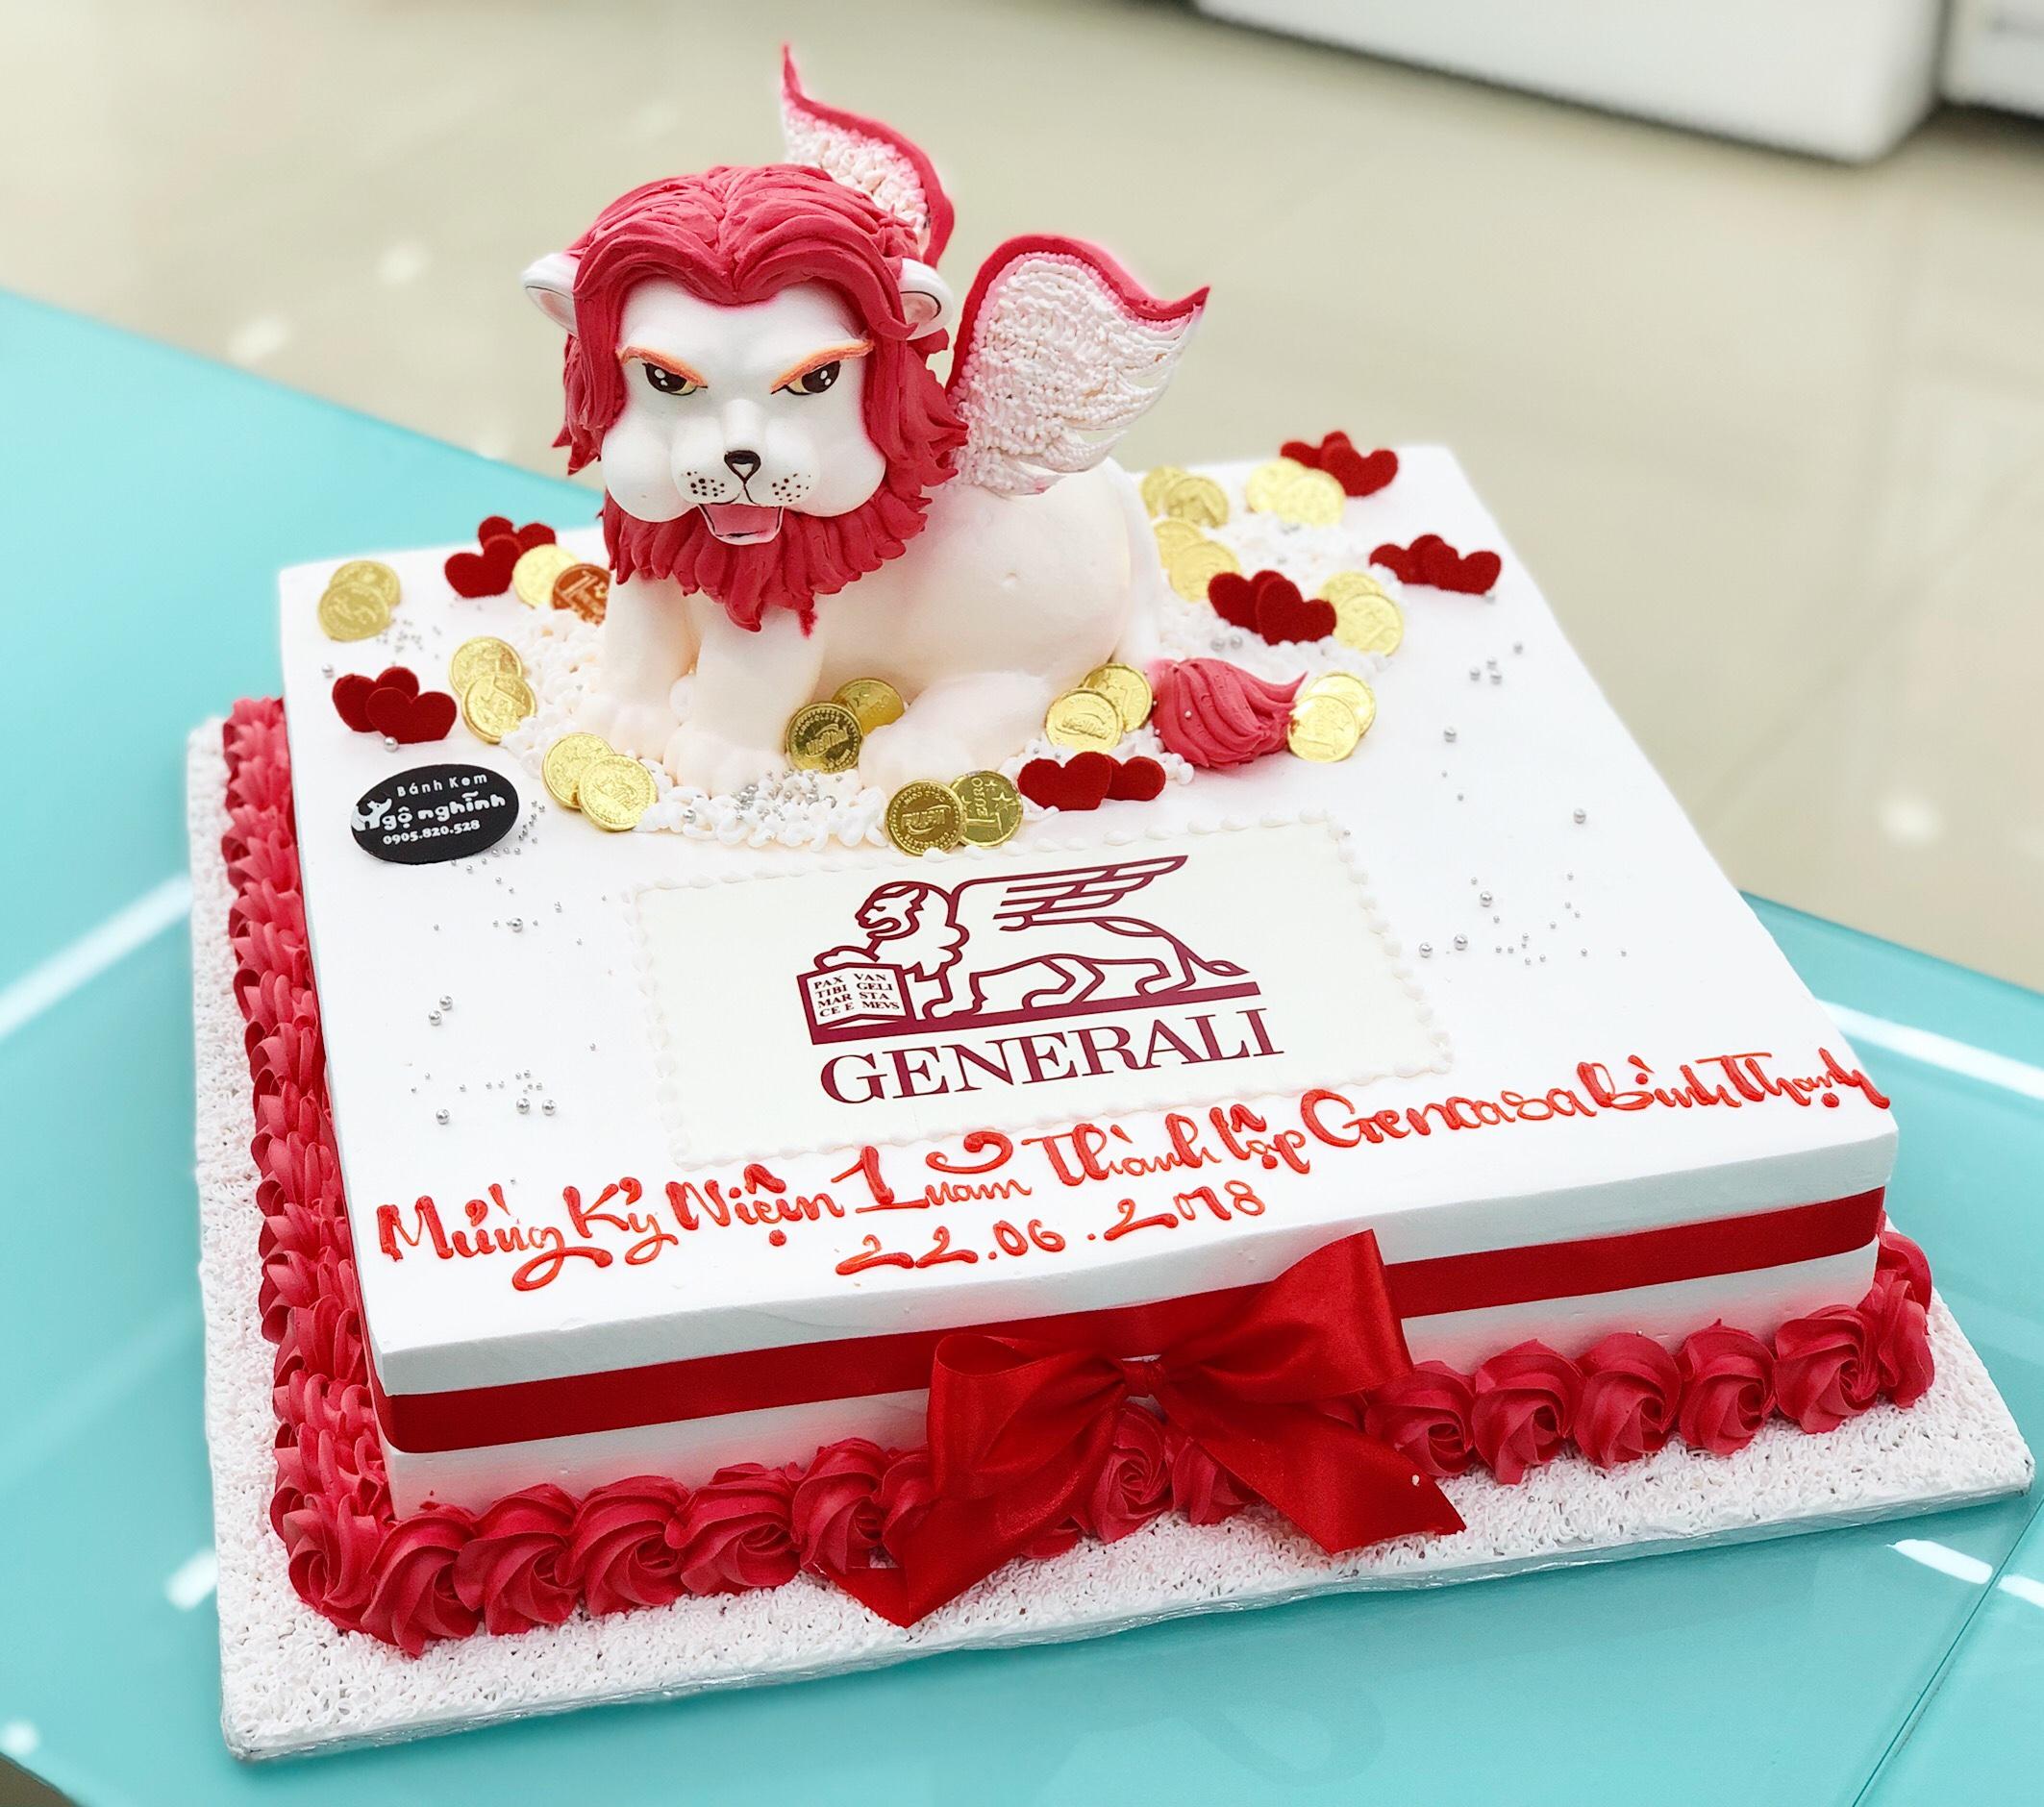 Bánh kem sinh nhật tạo hình 3d nổi con sư tử ...